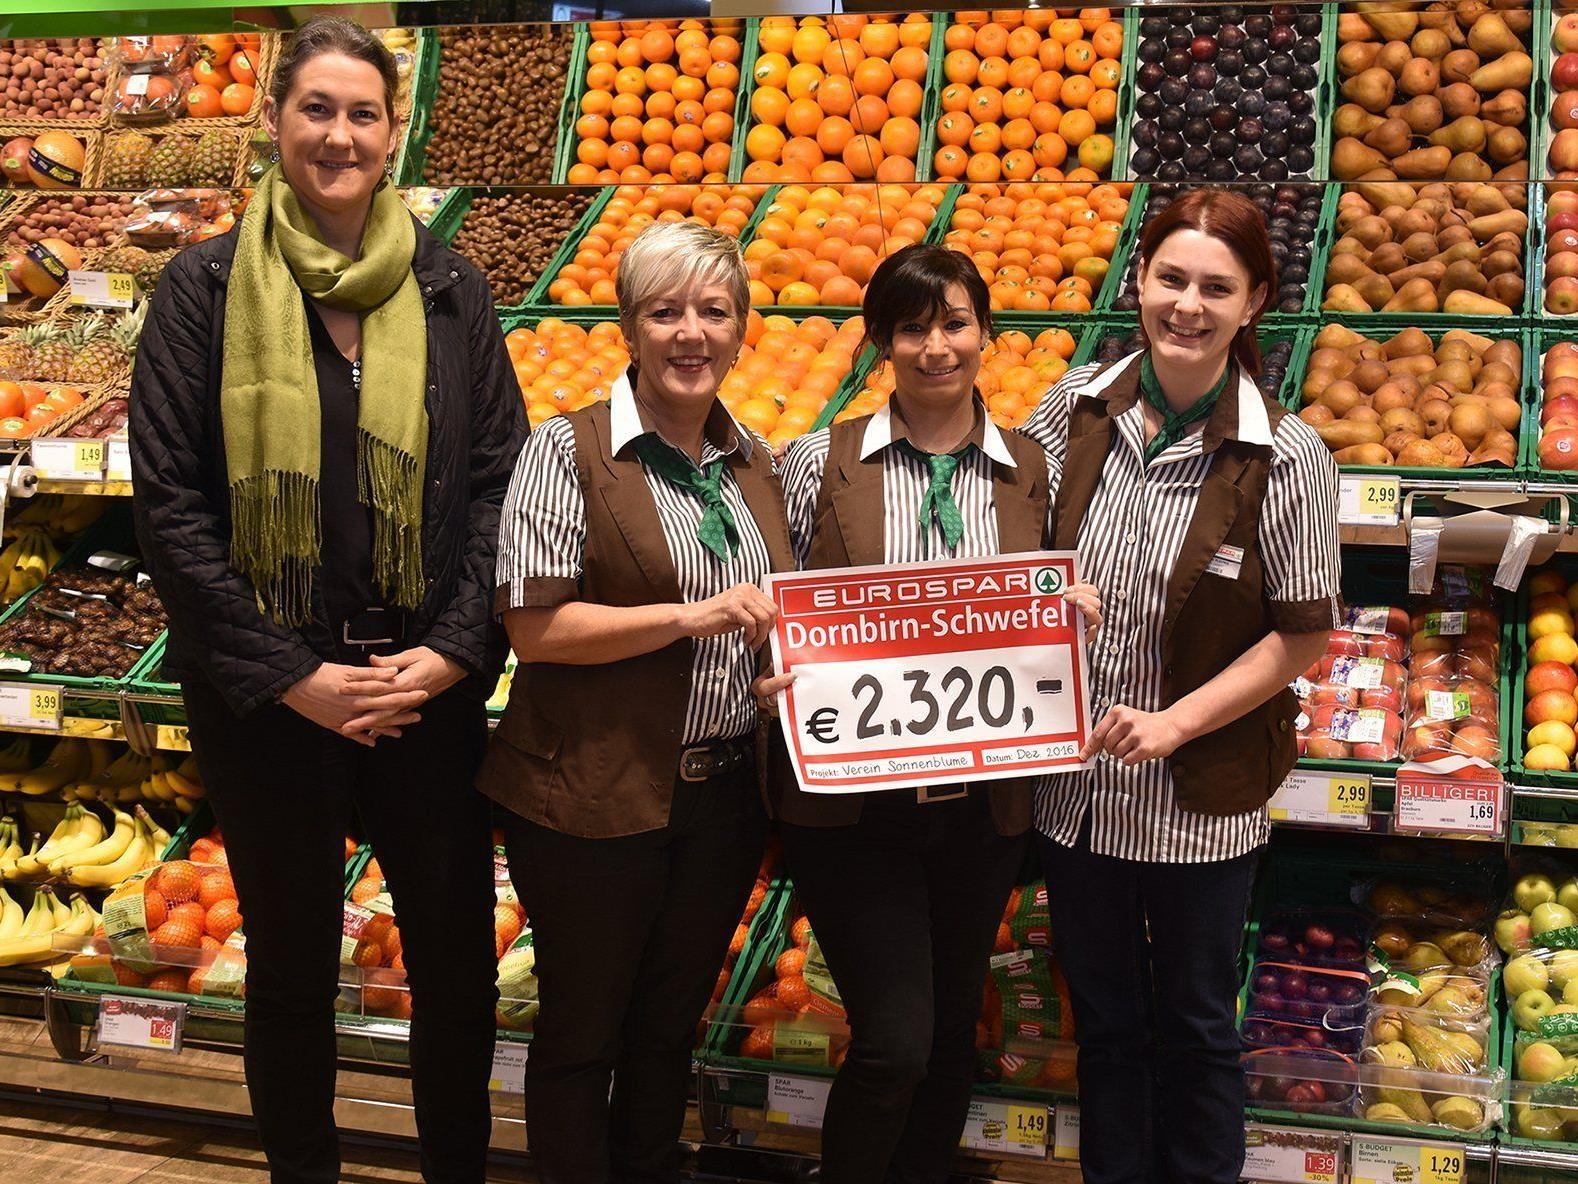 (v.l.) Manuela Ortner vom Verein Sonnenblume, Christine Mesaritsch, Sandra Ciccolella und Nicole Plevnik vom EUROSPAR Dornbirn-Schwefel